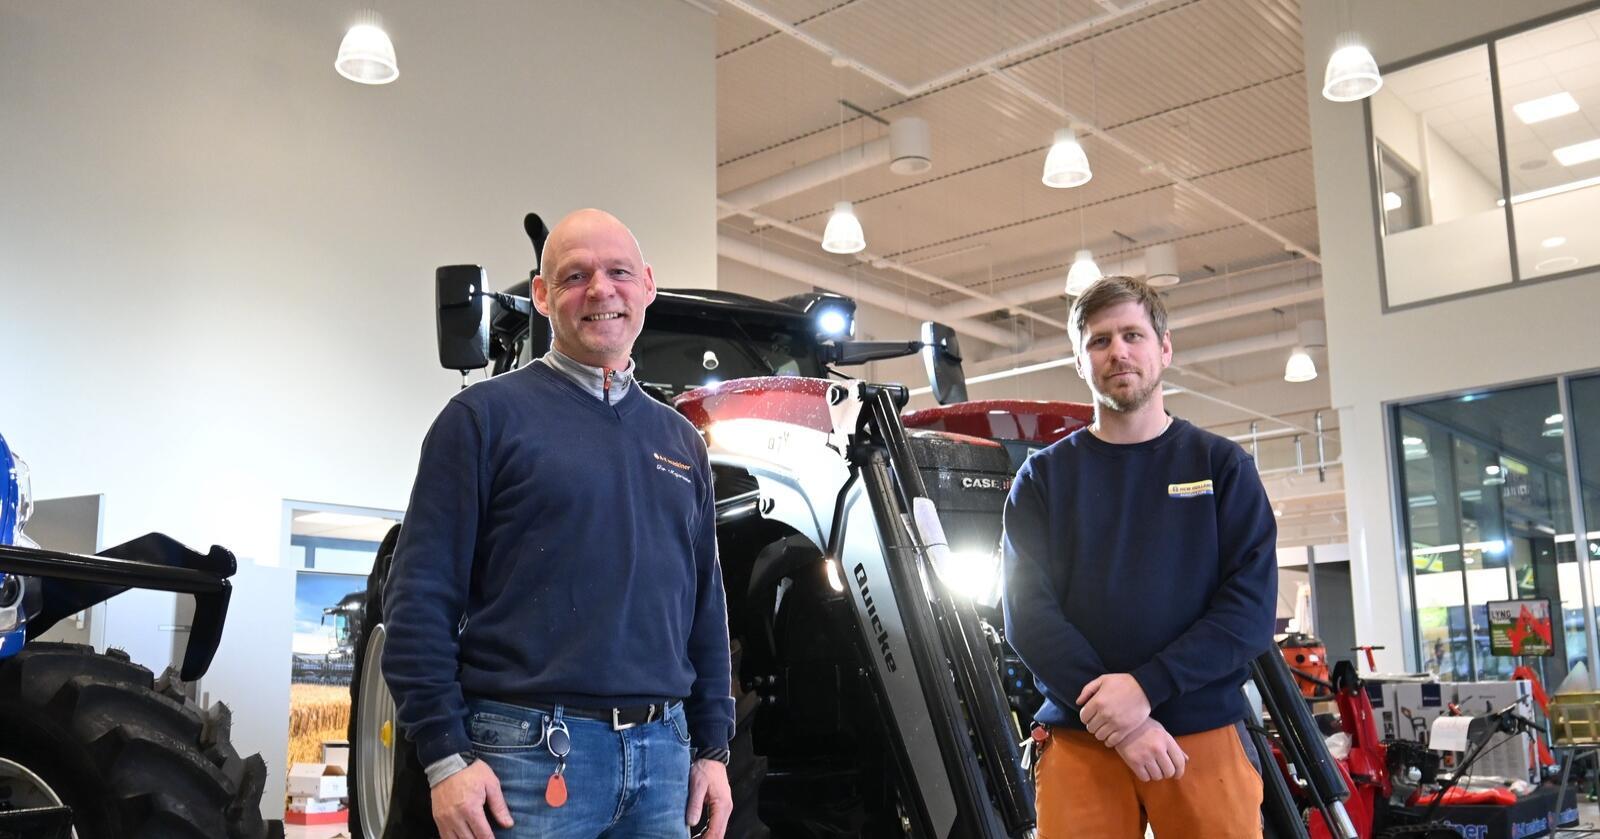 Velkommmen: Tor Majorsæter ( til venstre ) og Mats Oliver Degvold ( til høyre ) ønsker velkommen til nye A-K Gjøvik.